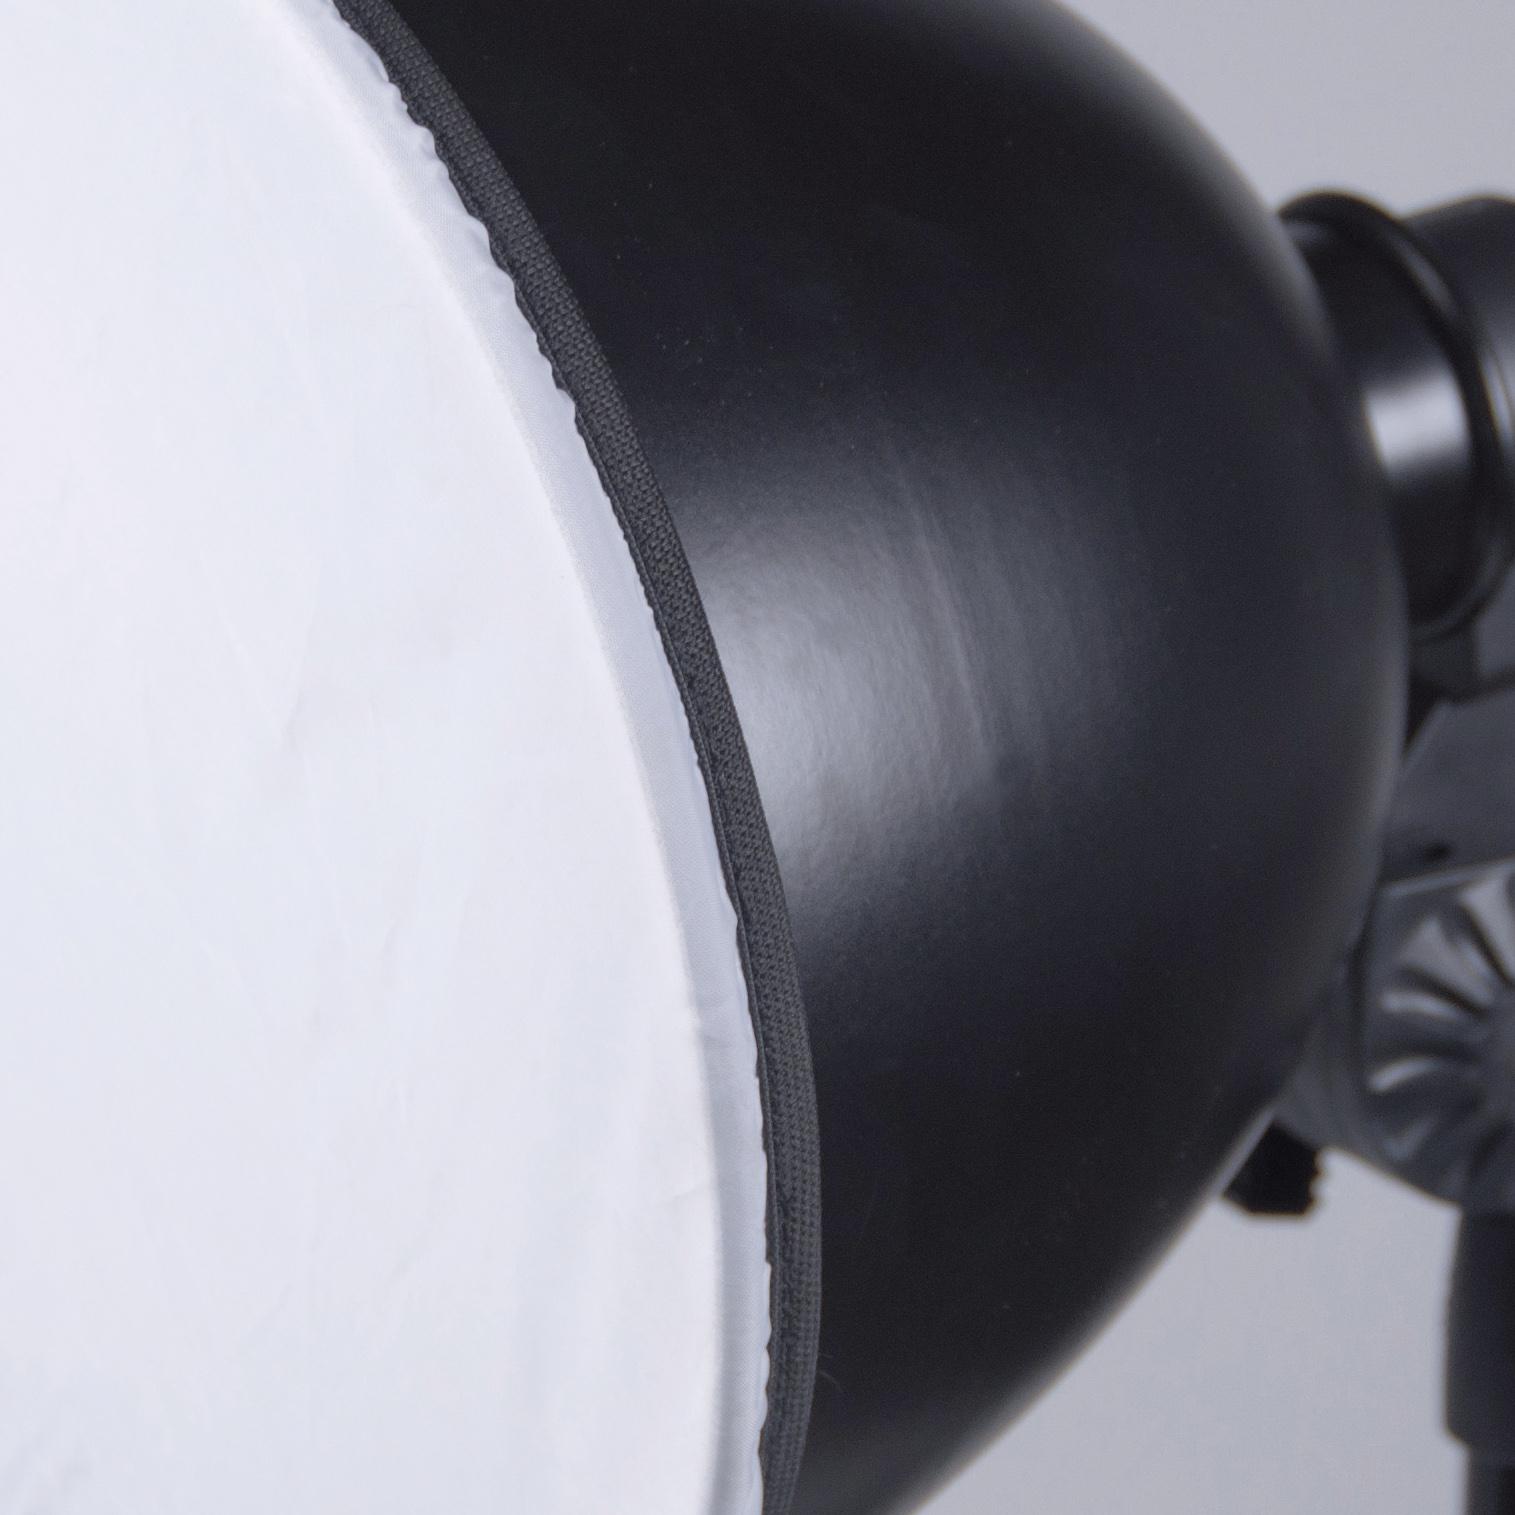 Kit Produits Ag Avec Tente Kaiser D'éclairage Et Graphicart Ow8vnNm0